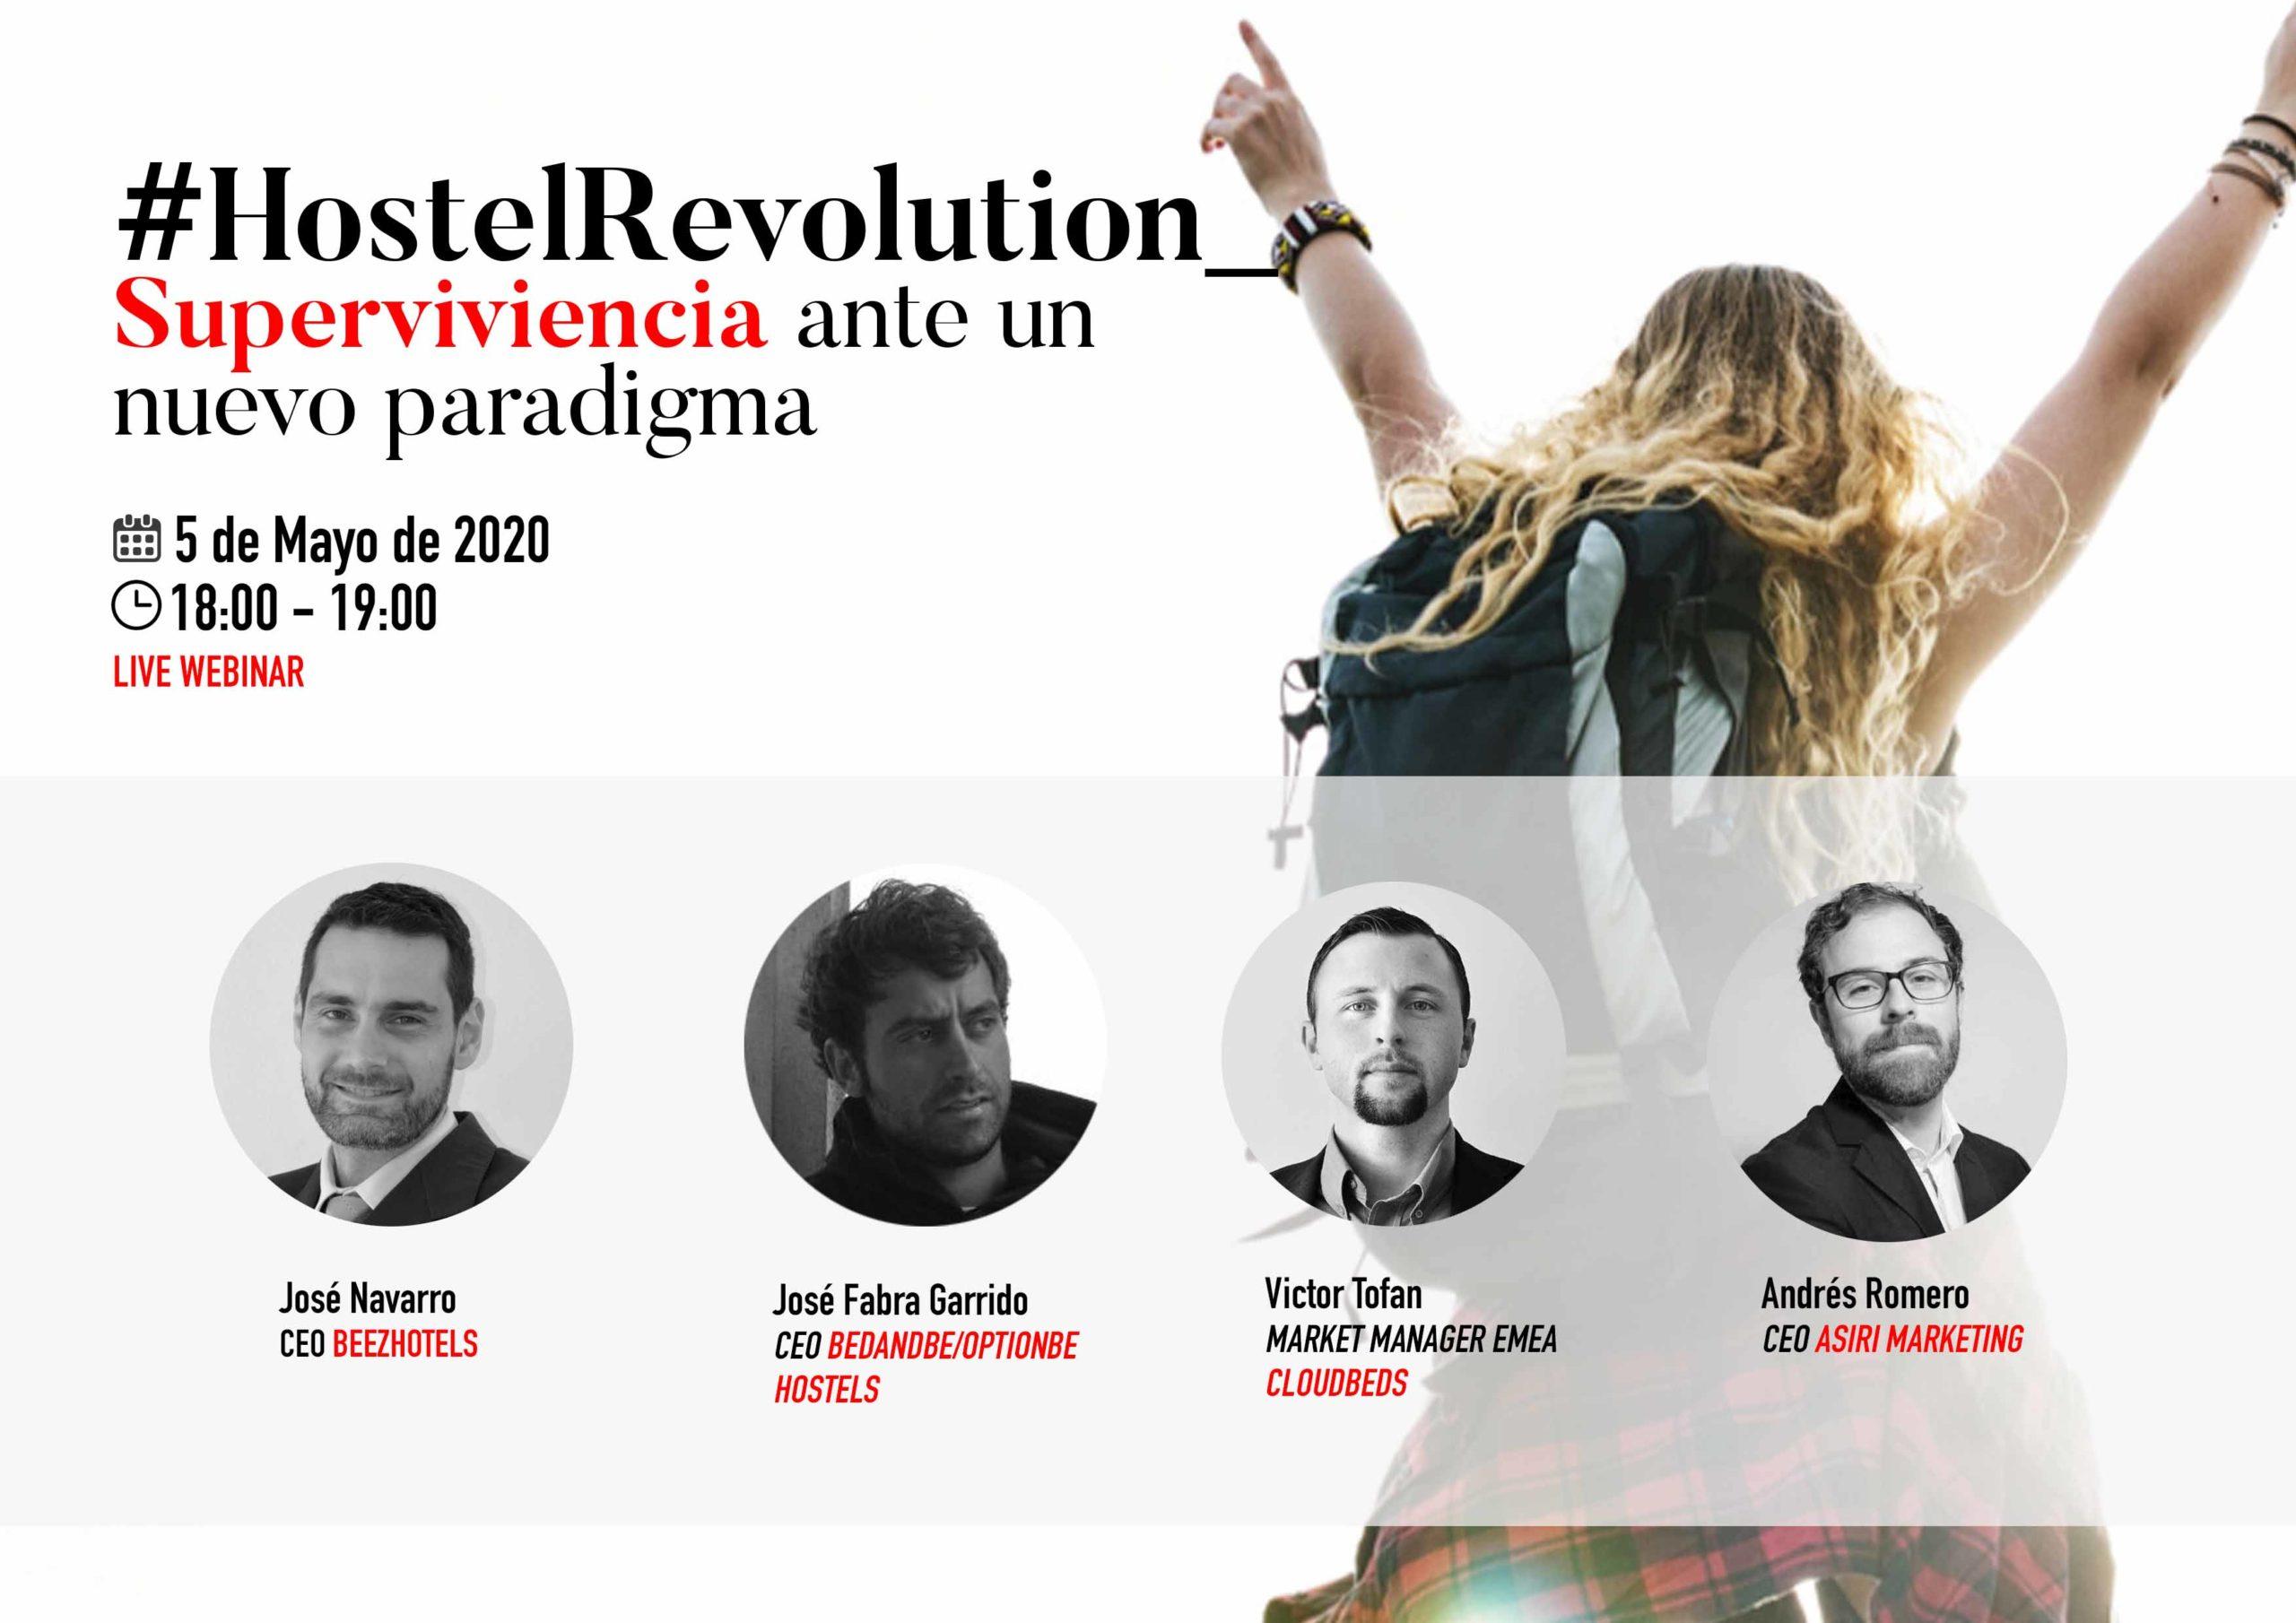 HostelRevolution